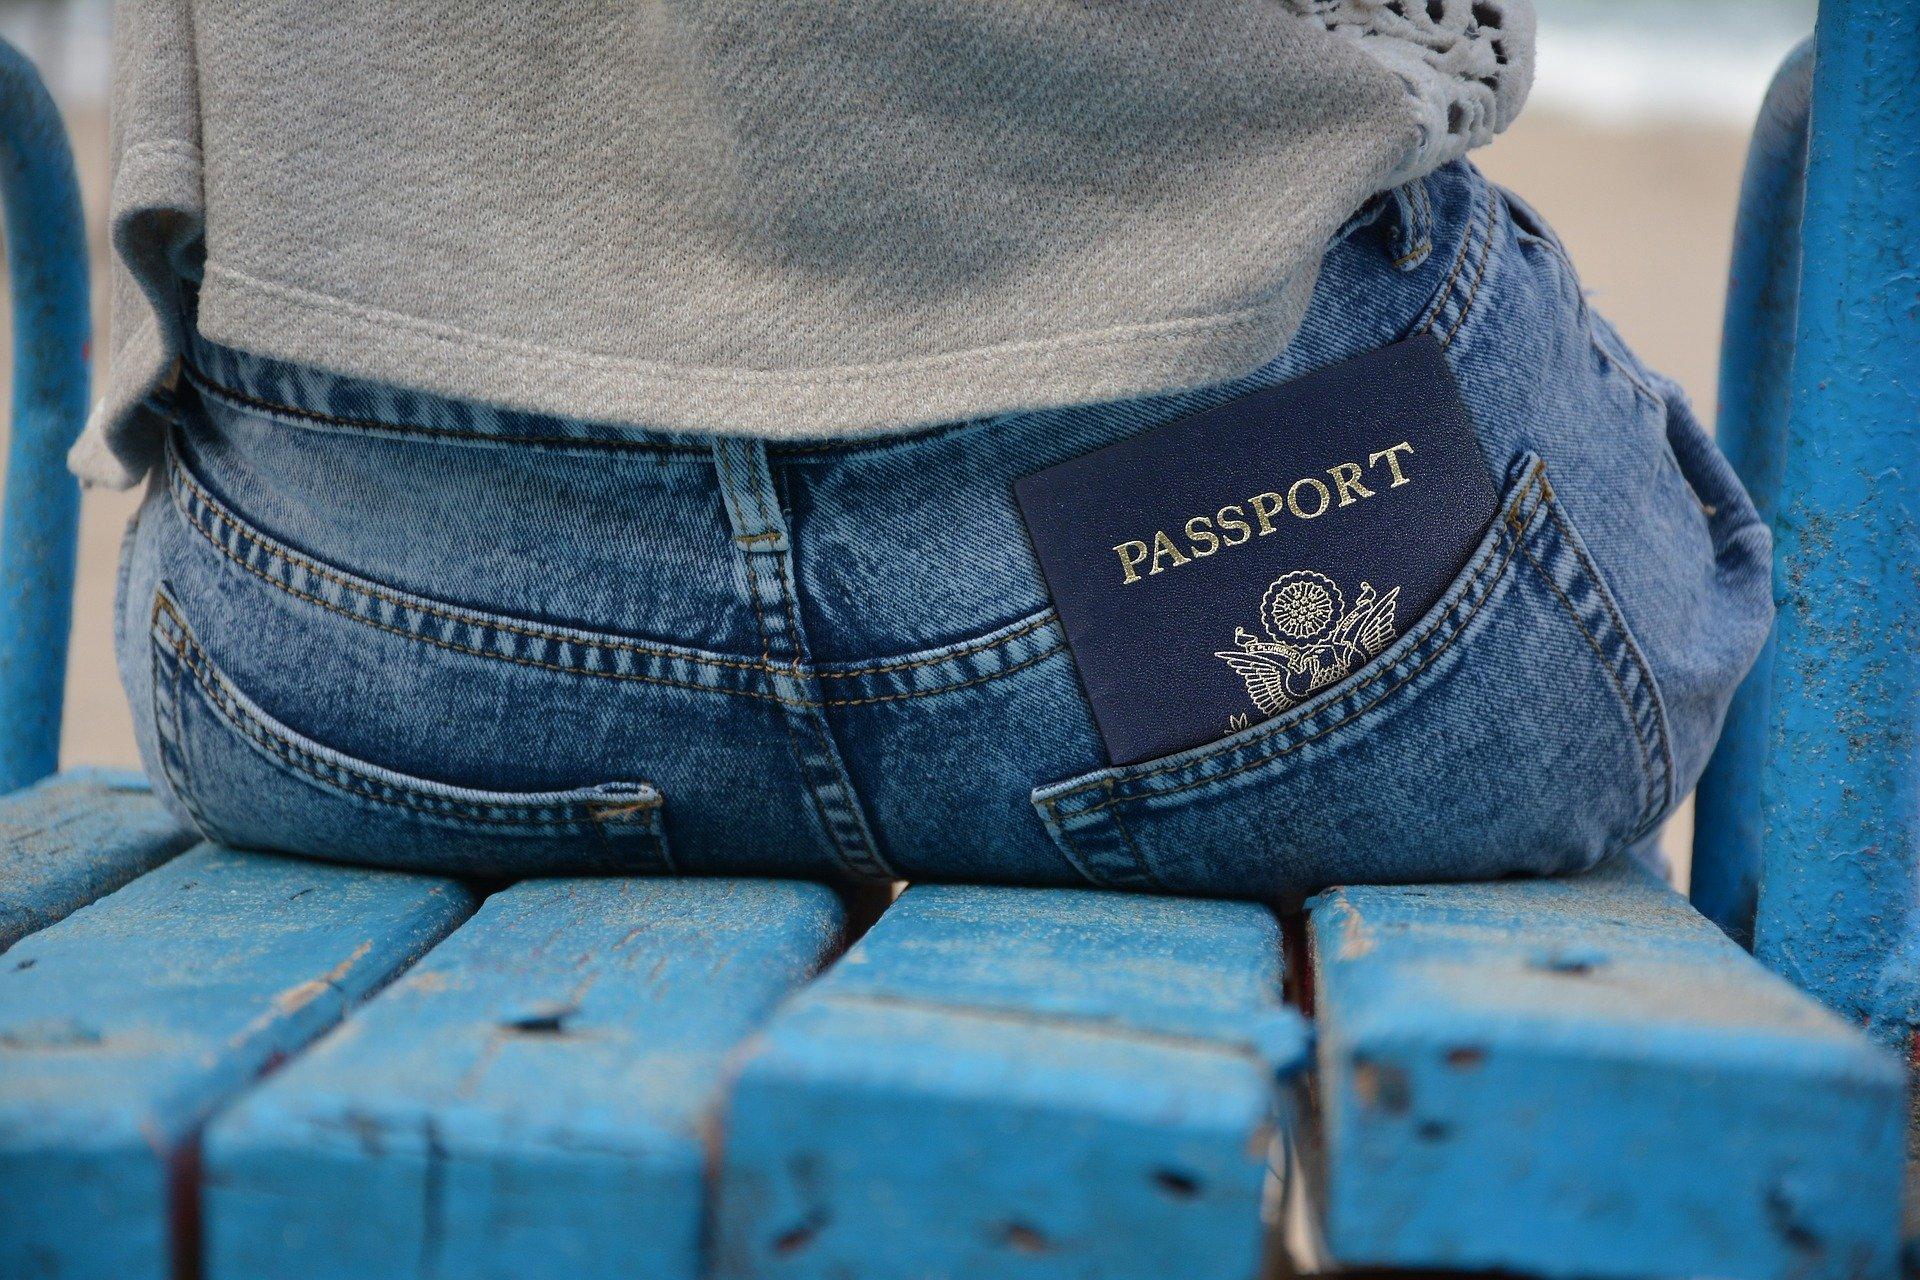 Хочешь эмигрировать, а глаза разбегаются? Экспаты из 11 стран советуют, как подобрать страну